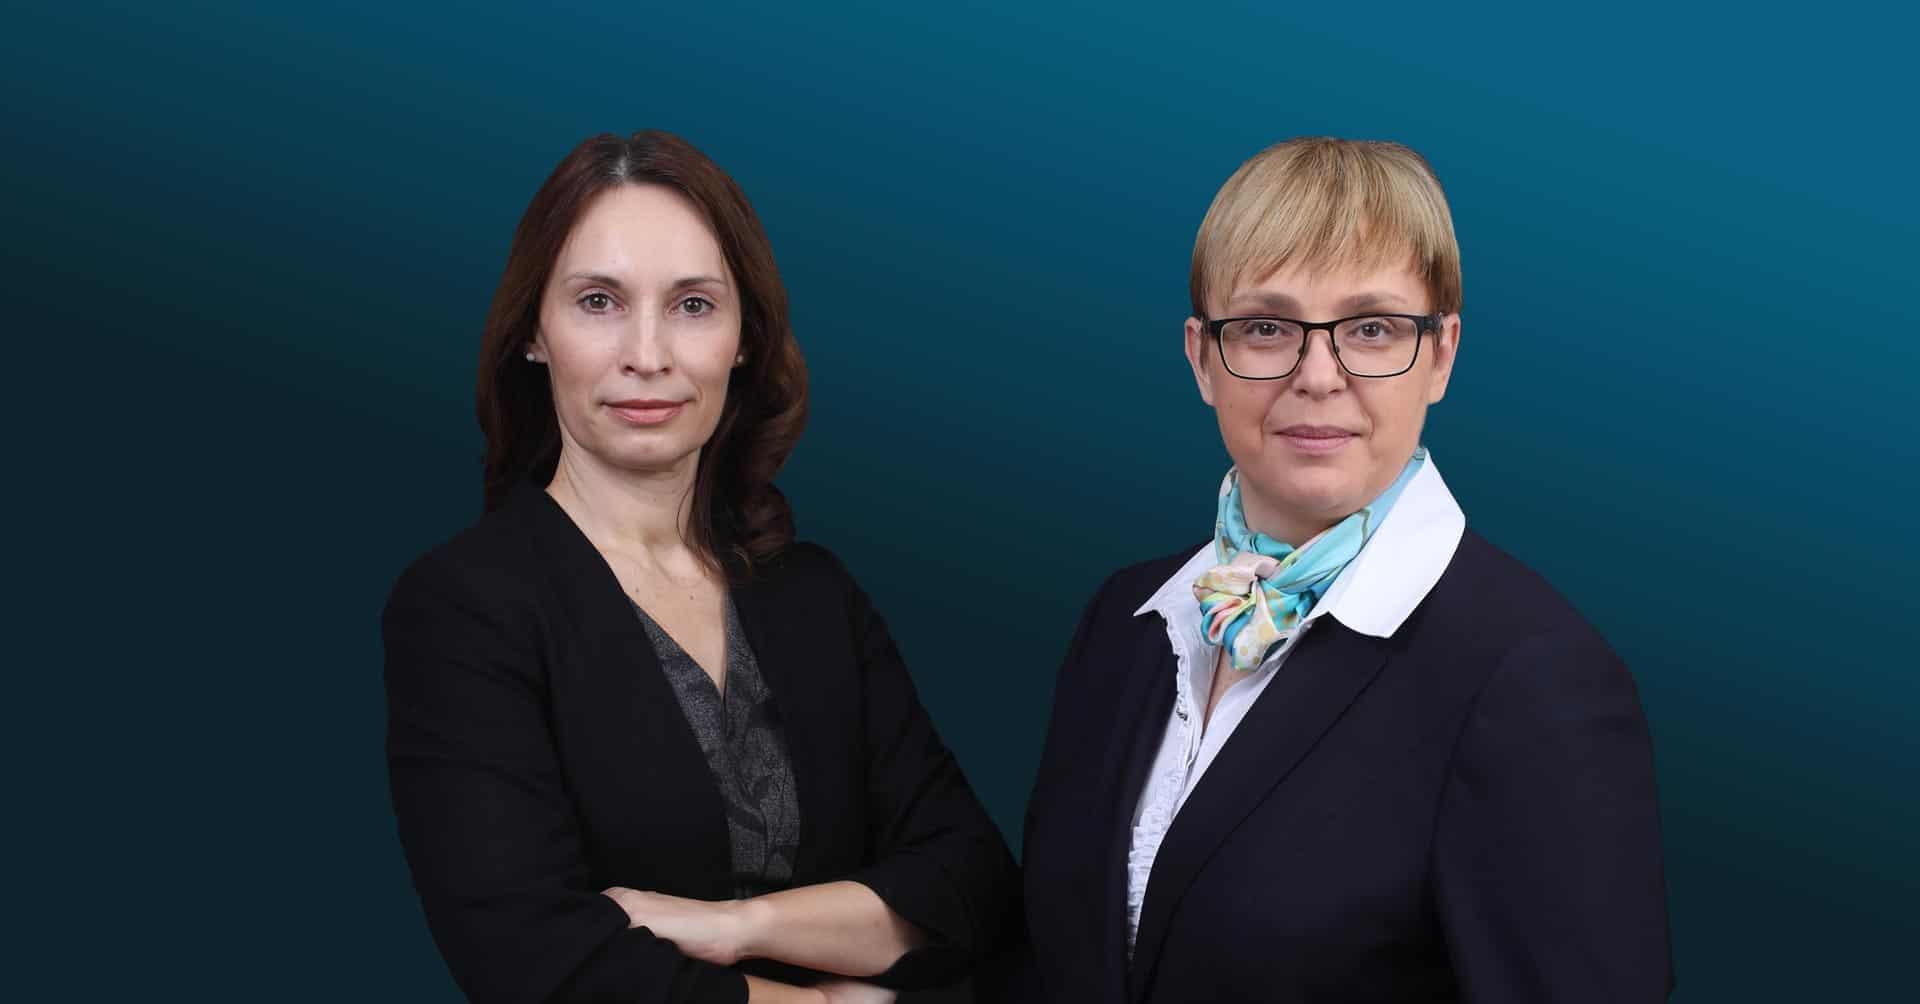 Odvetniška pisarna Pirc Musar & Lemut Strle